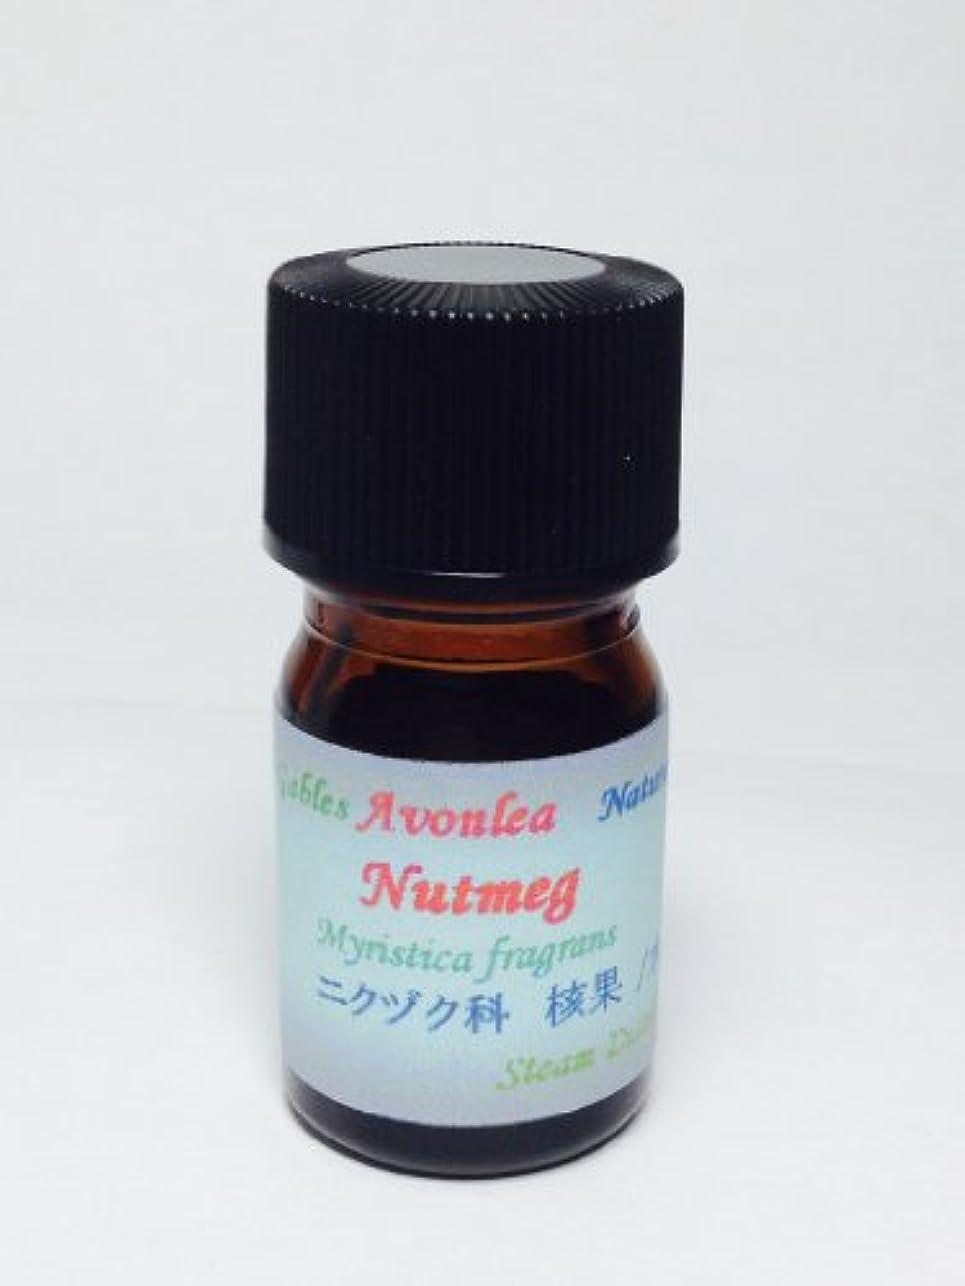 注意薬欺くナツメグ 100% ピュア エッセンシャルオイル 高級精油 5ml